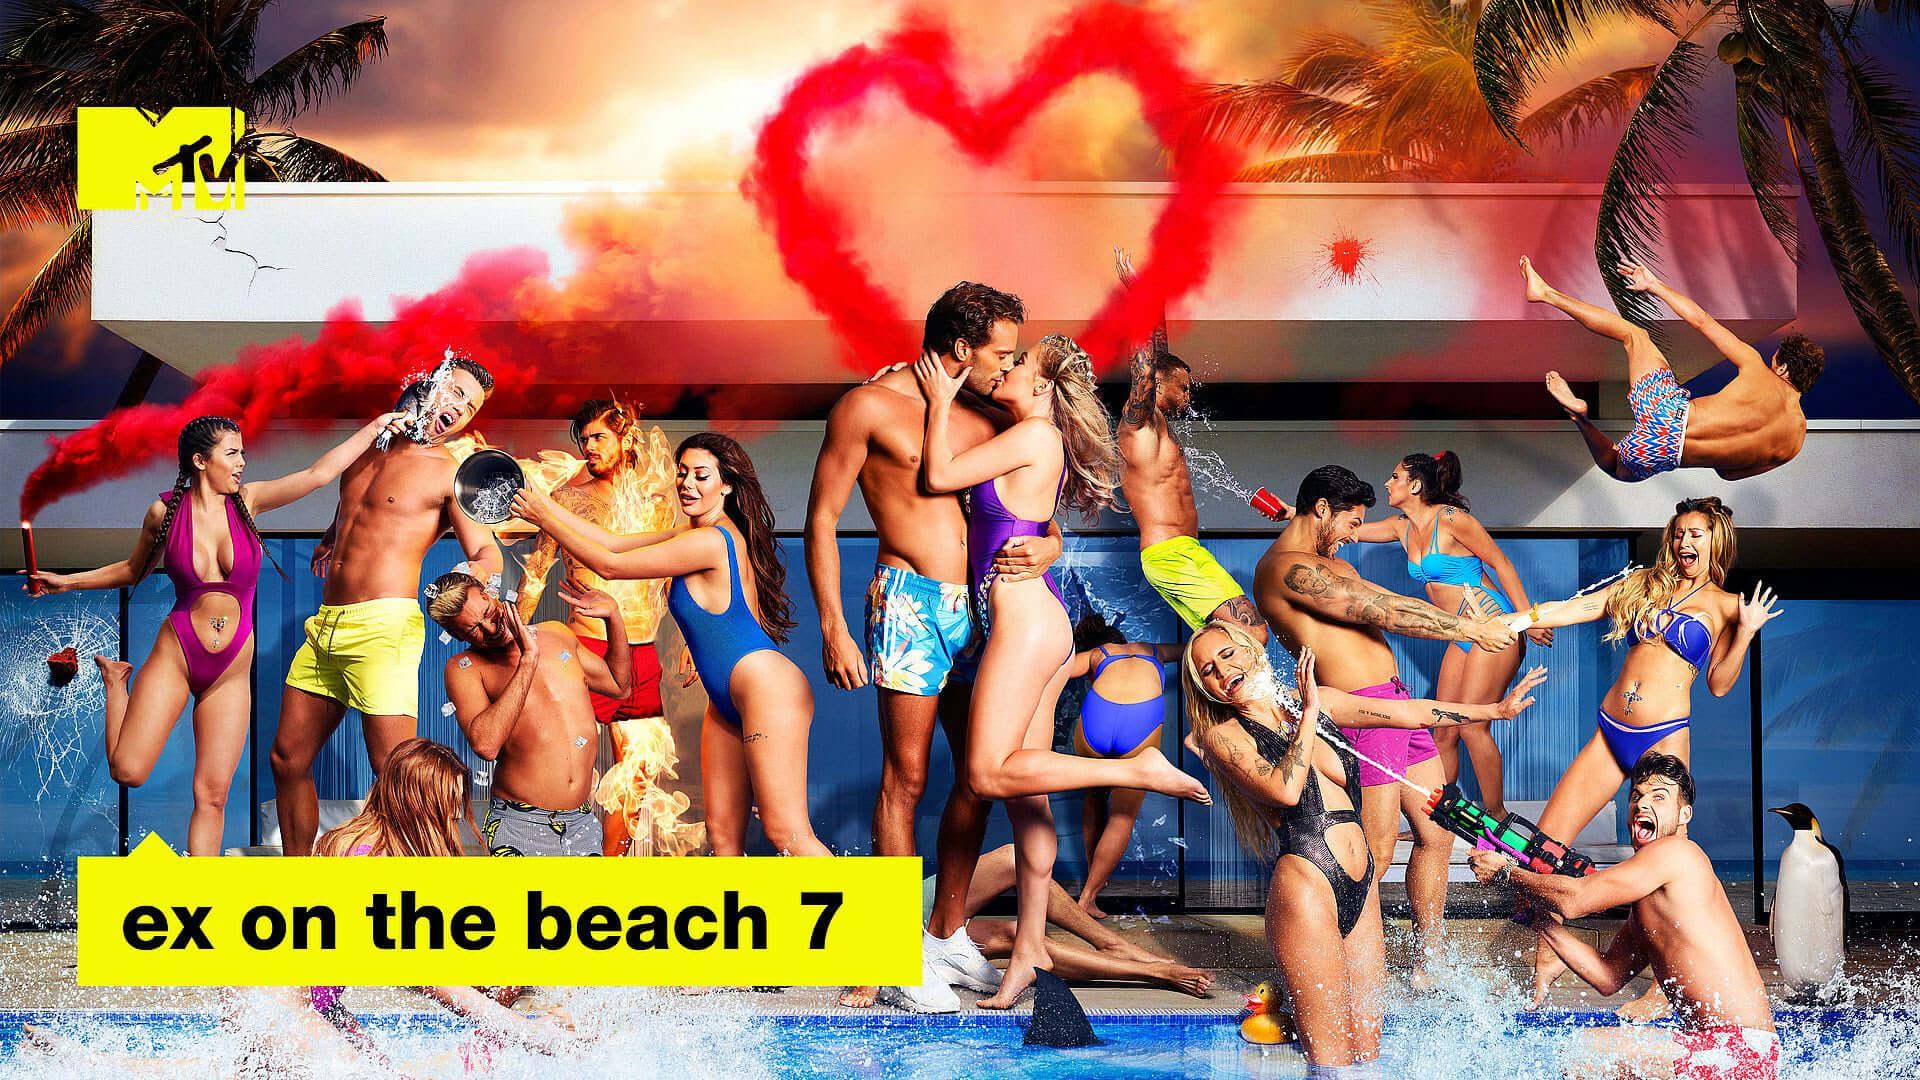 """MTVの刺激的な恋愛リアリティ番組3選!『""""ex エックス""""オン・ザ・ビーチ』、『アー・ユー・ザ・ワン?』、『シエスタ・キー』が配信中 art200403_mtv_2-1920x1080"""